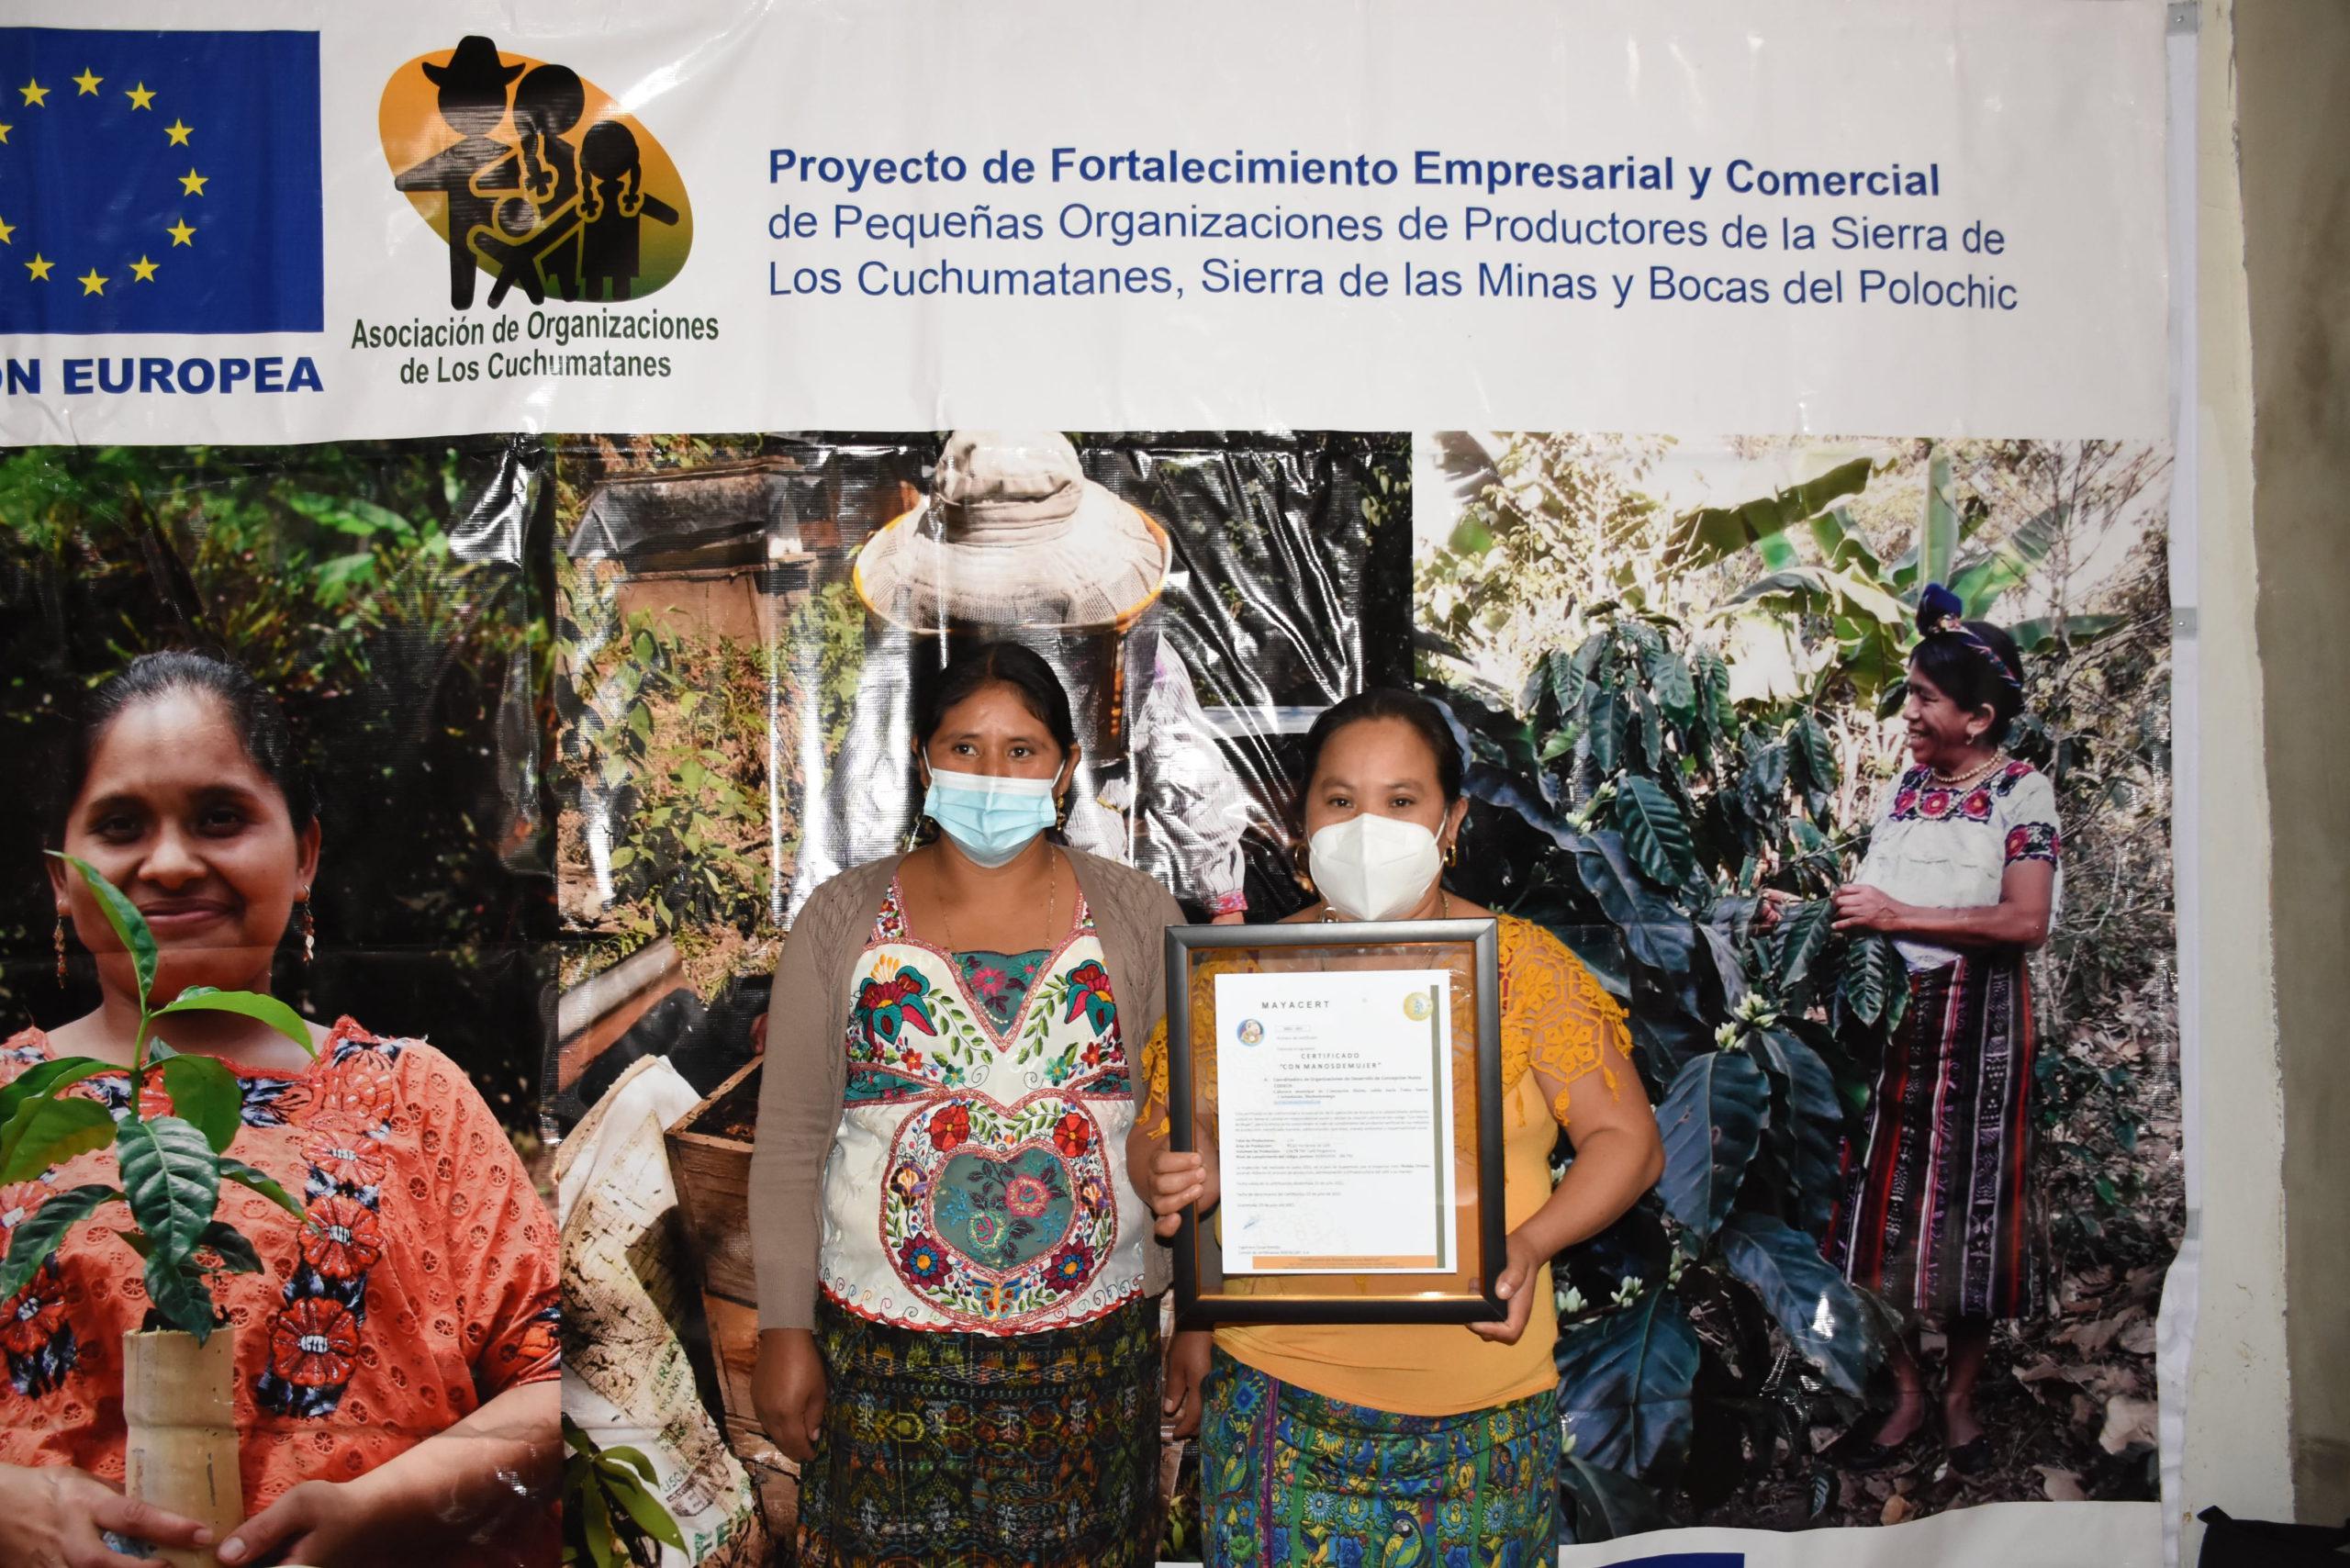 Entrega de Certificado Con Manos de Mujer y Equipo Control de Calidad en Café